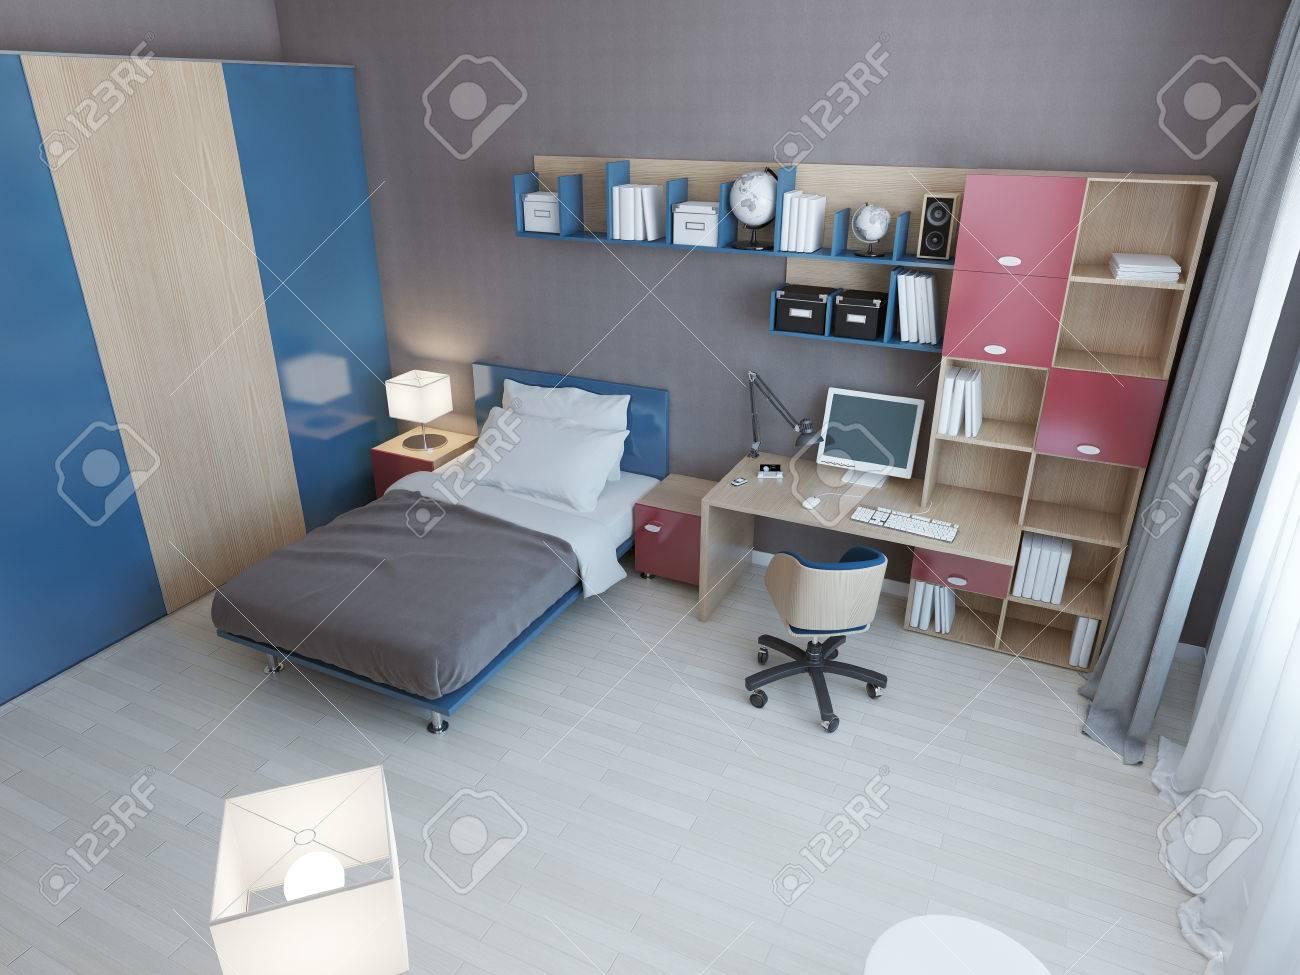 Idée d\'enfants de chambre moderne. Meubles Multicolore dans des couleurs  bleues et rouges, lit, espace de travail et un grand placard. 3D render